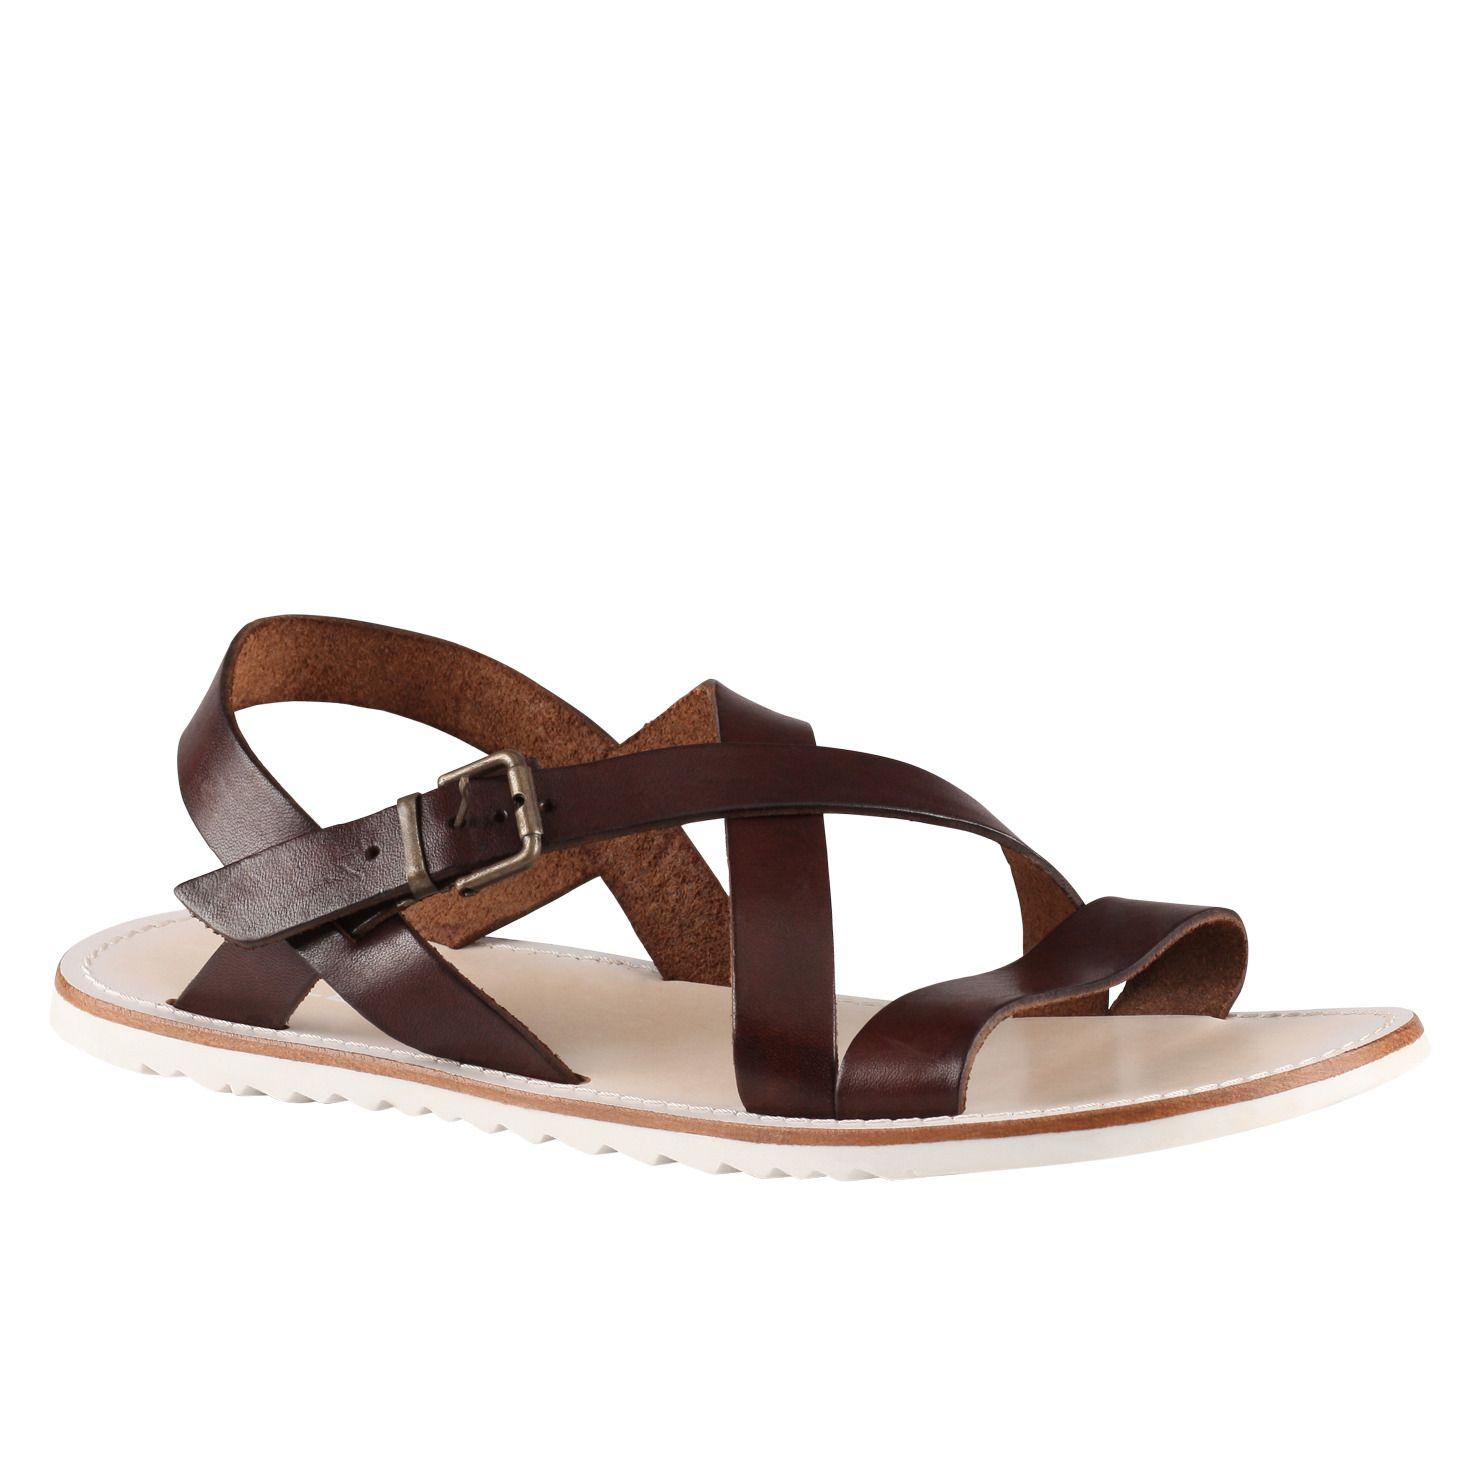 f64999af1 LORRIN - men s sandals for sale at ALDO Shoes.